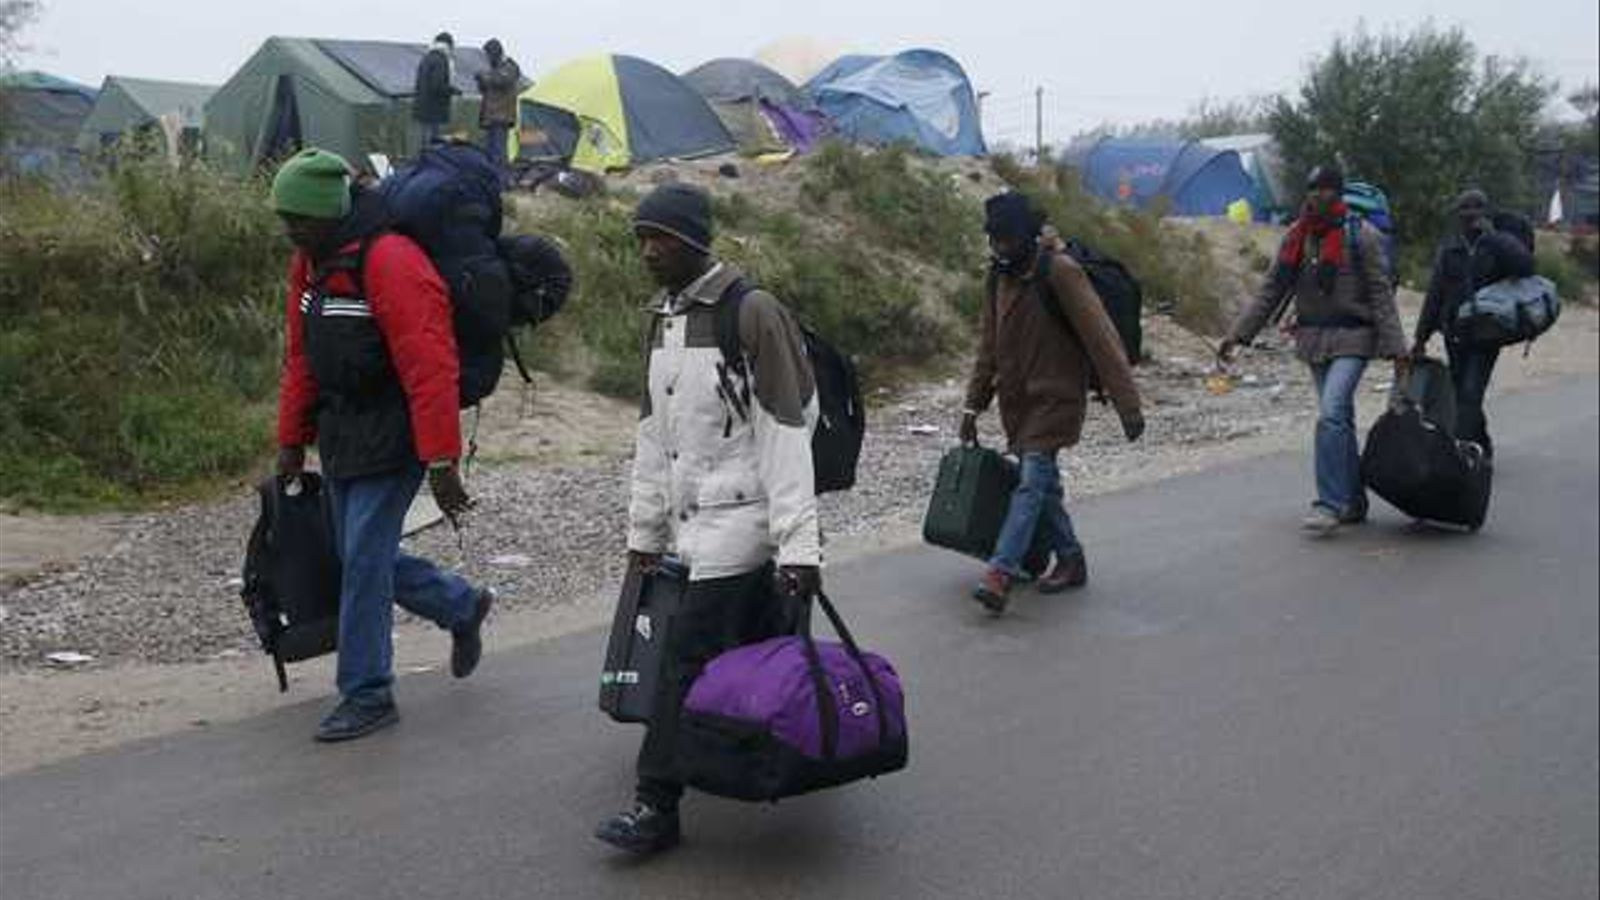 Macron accelerarà les expulsions d'immigrants per evitar un nou Calais